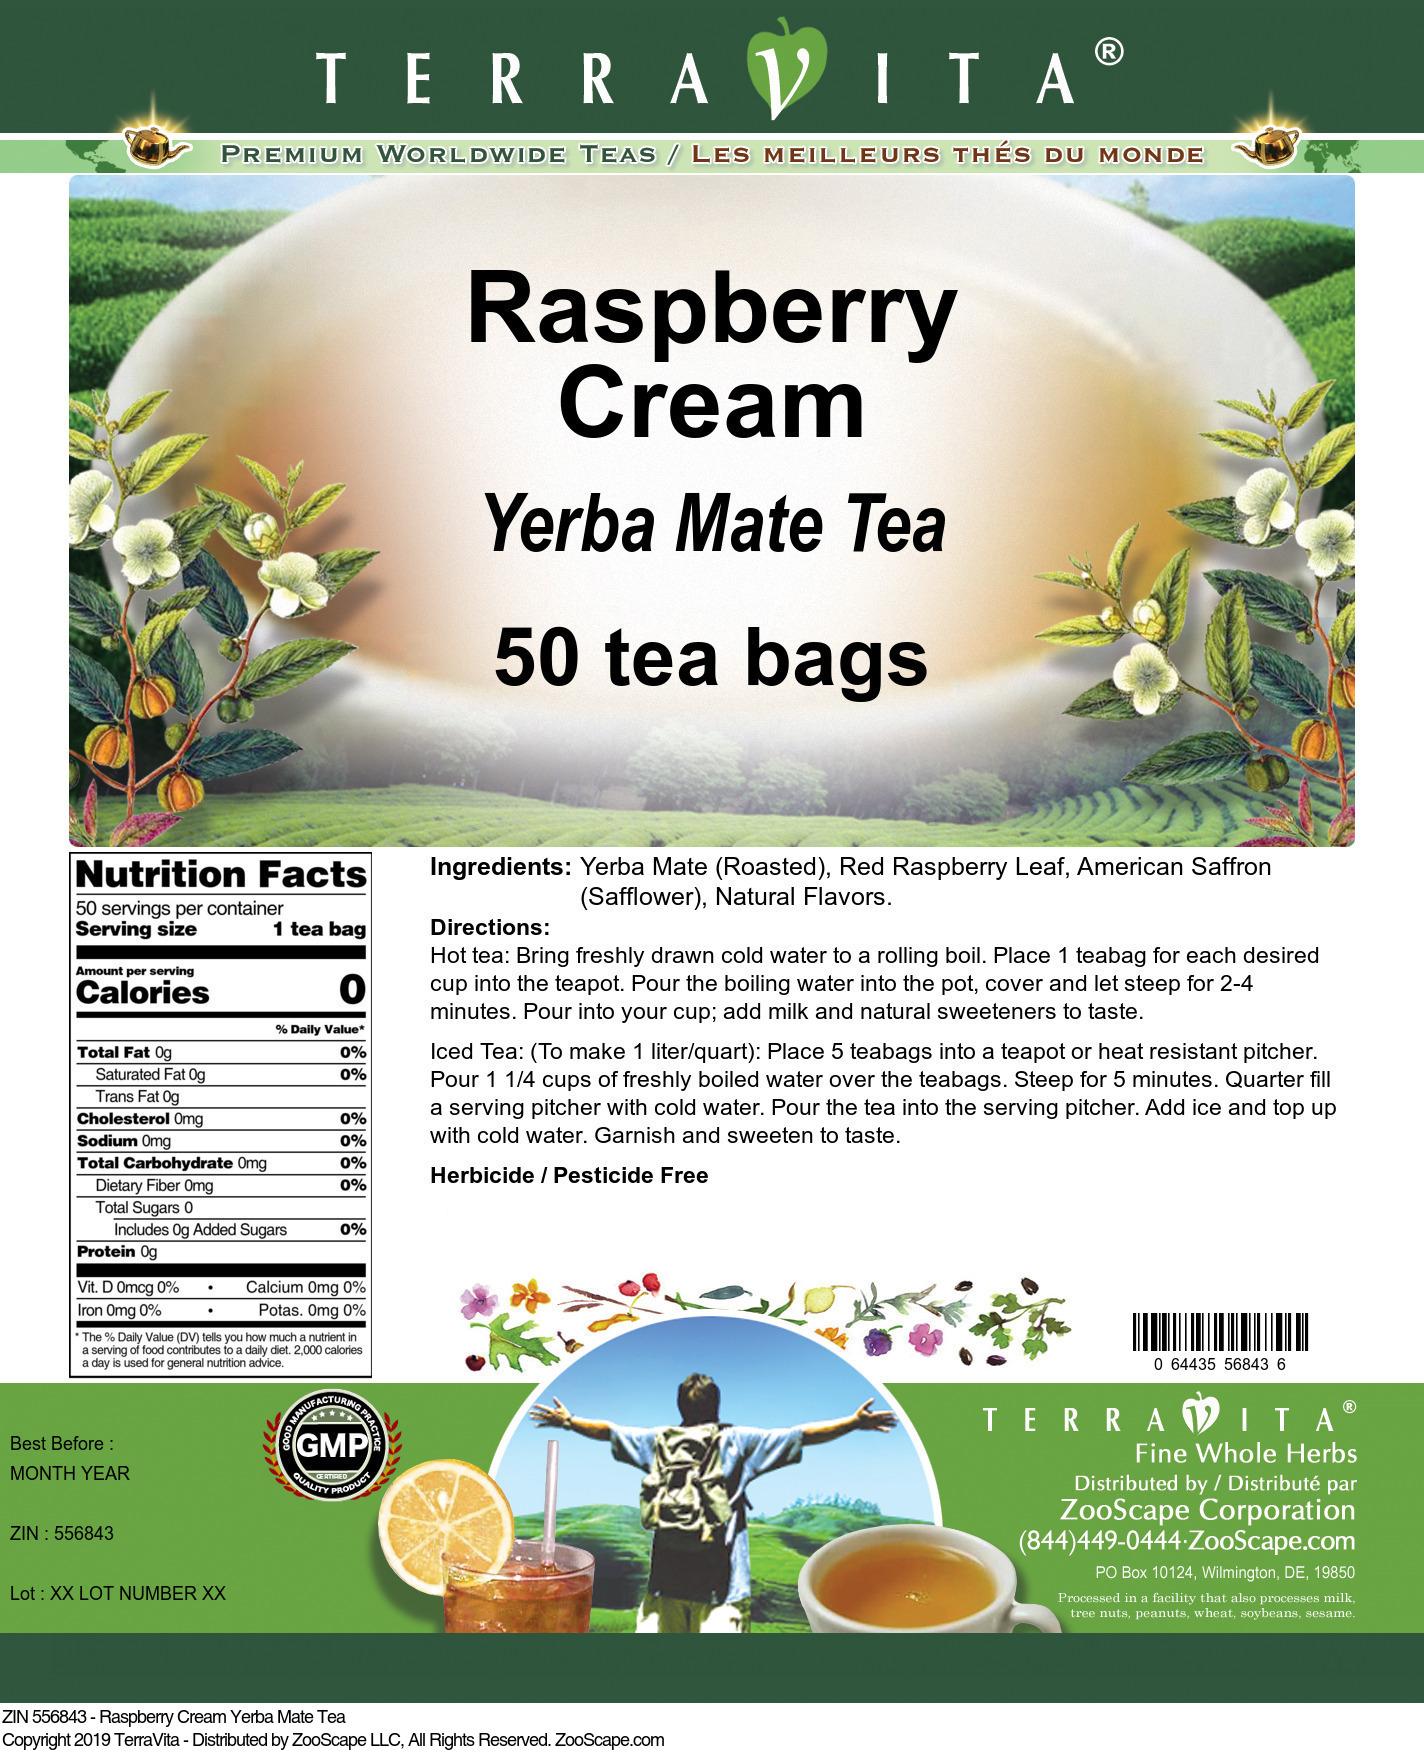 Raspberry Cream Yerba Mate